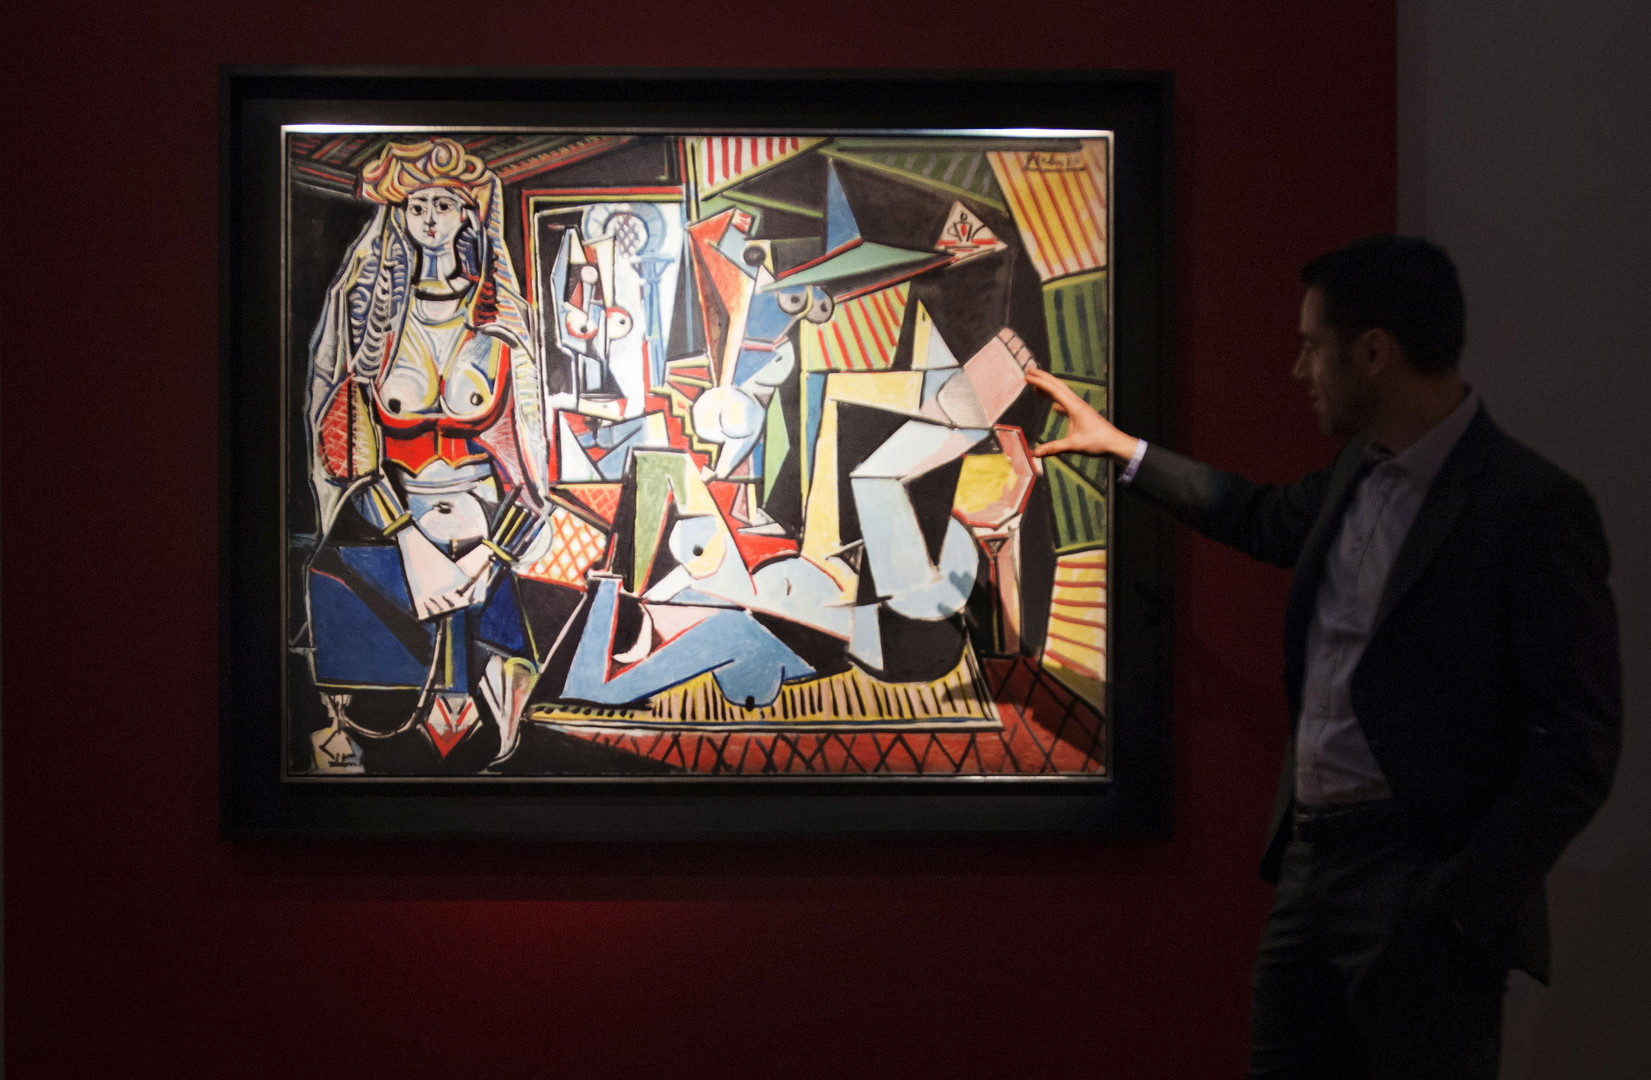 Couvrez ce sein que je ne saurais voir : Fox News «censure» un chef d'œuvre de Picasso